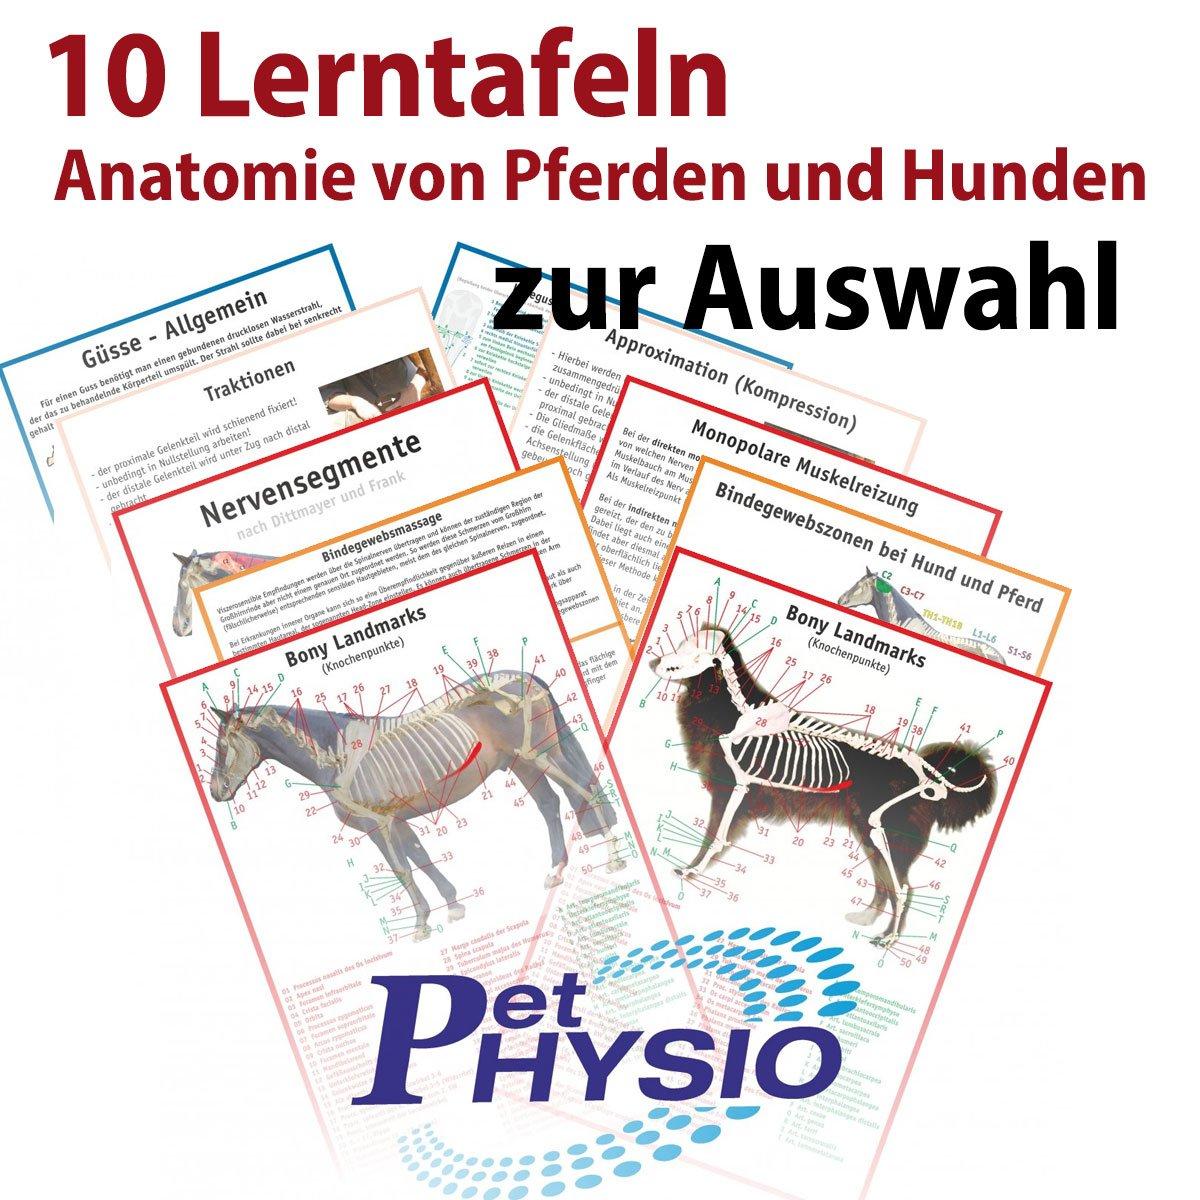 Übersichtskartenset ANATOMIE von Pferden und Hunden - 10 Stück im Set